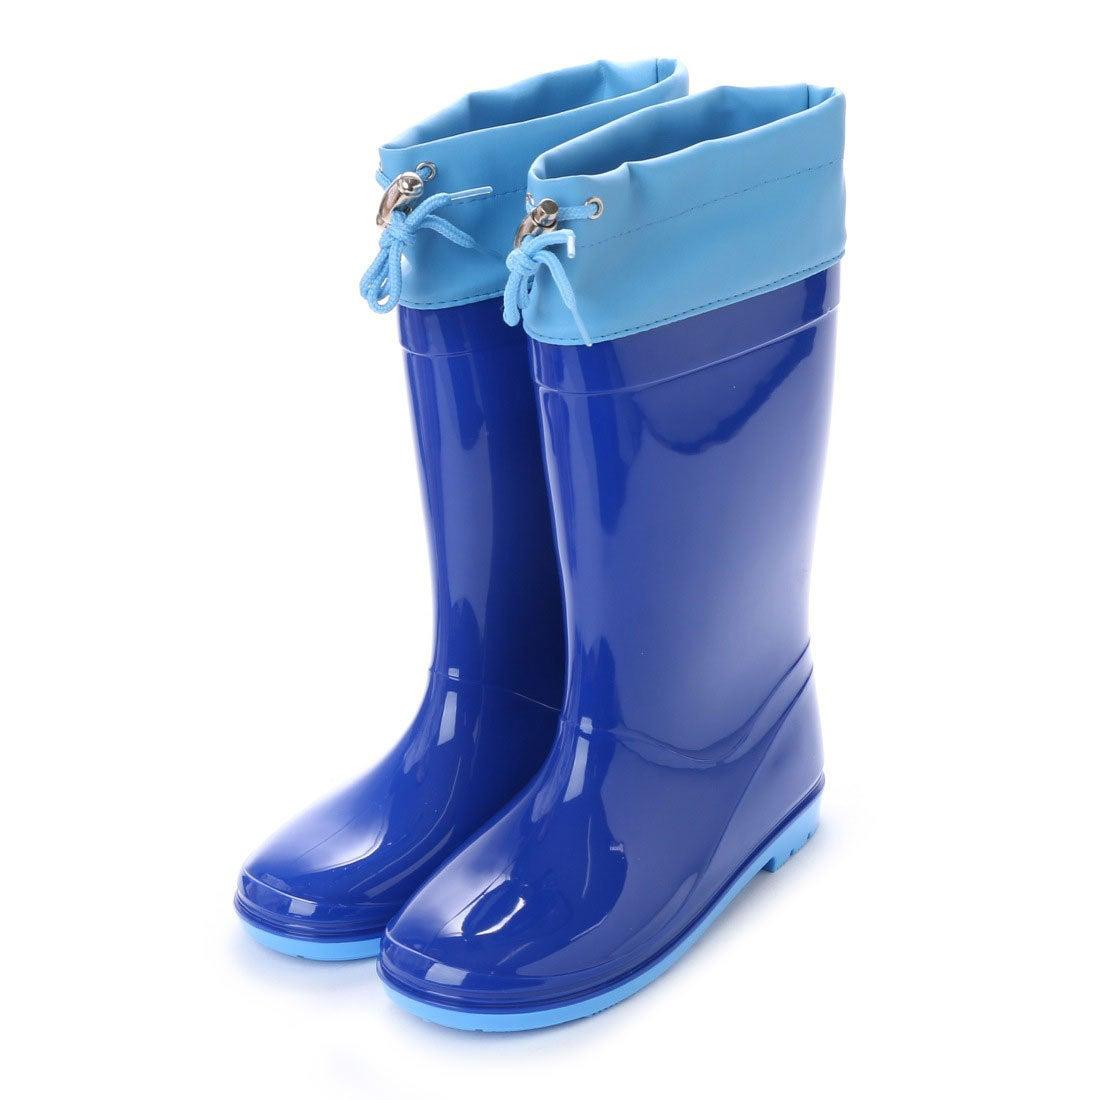 be5848d2e7b9f ケーズプラス K's PLUS 巾着付き 水・雪の浸入防止 レインシューズ 16cm-24cm キッズ,ベビー,男の子,女の子,長靴,レインブーツ,子供  (NAVY) -靴&ファッション通販 ...